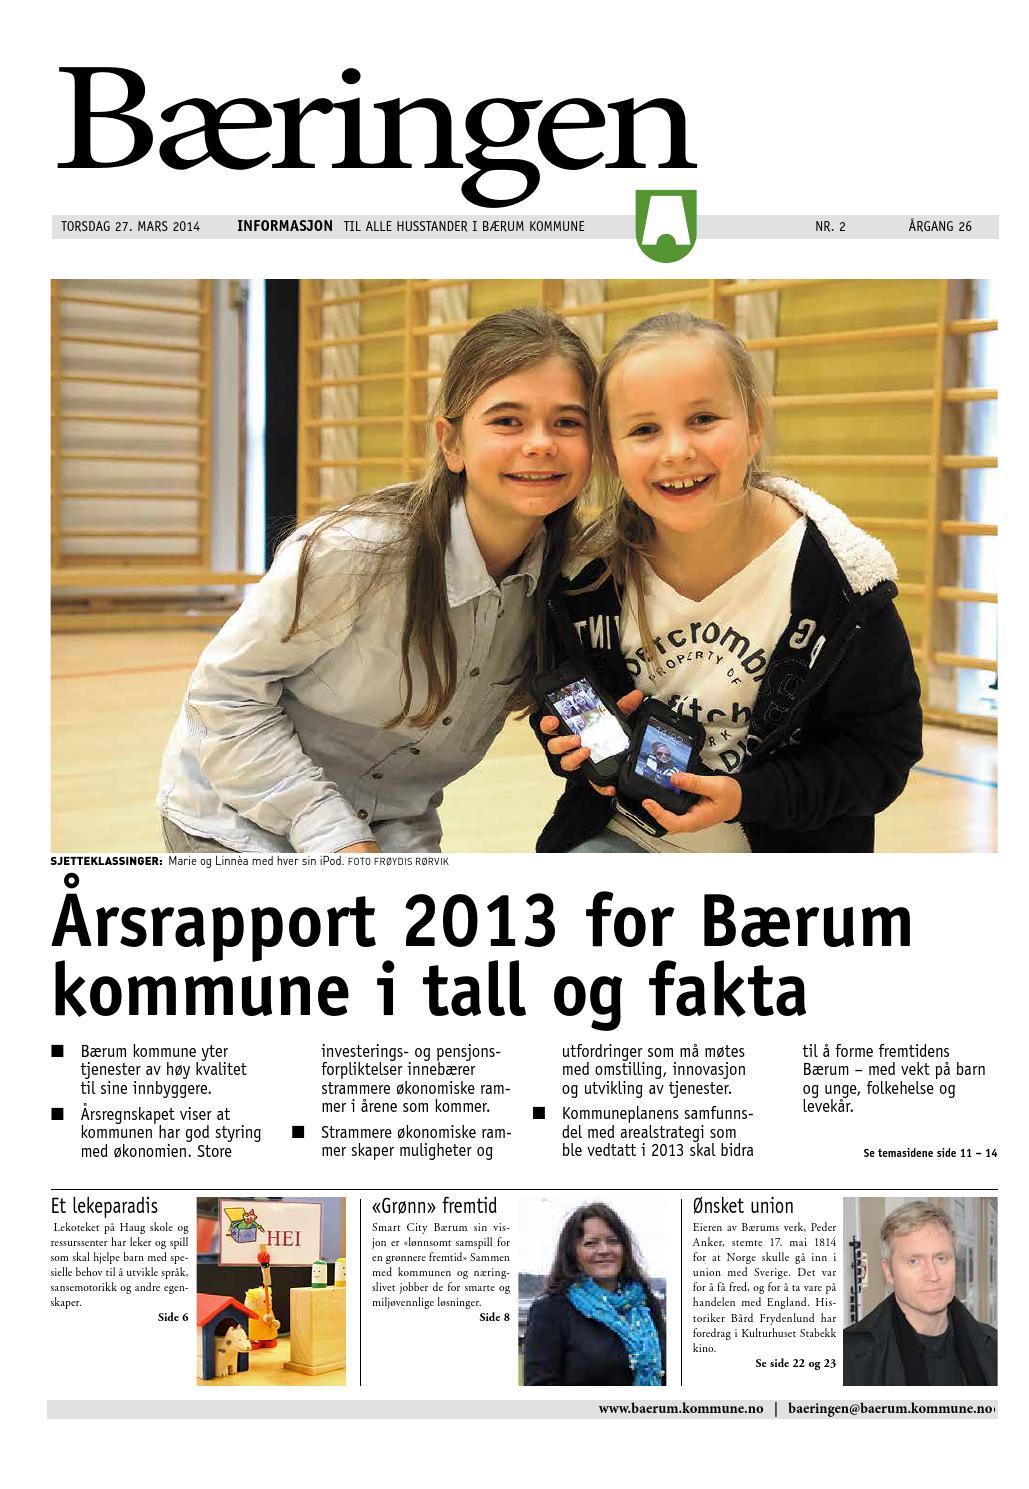 Utnyttelsesgrad bærum kommune